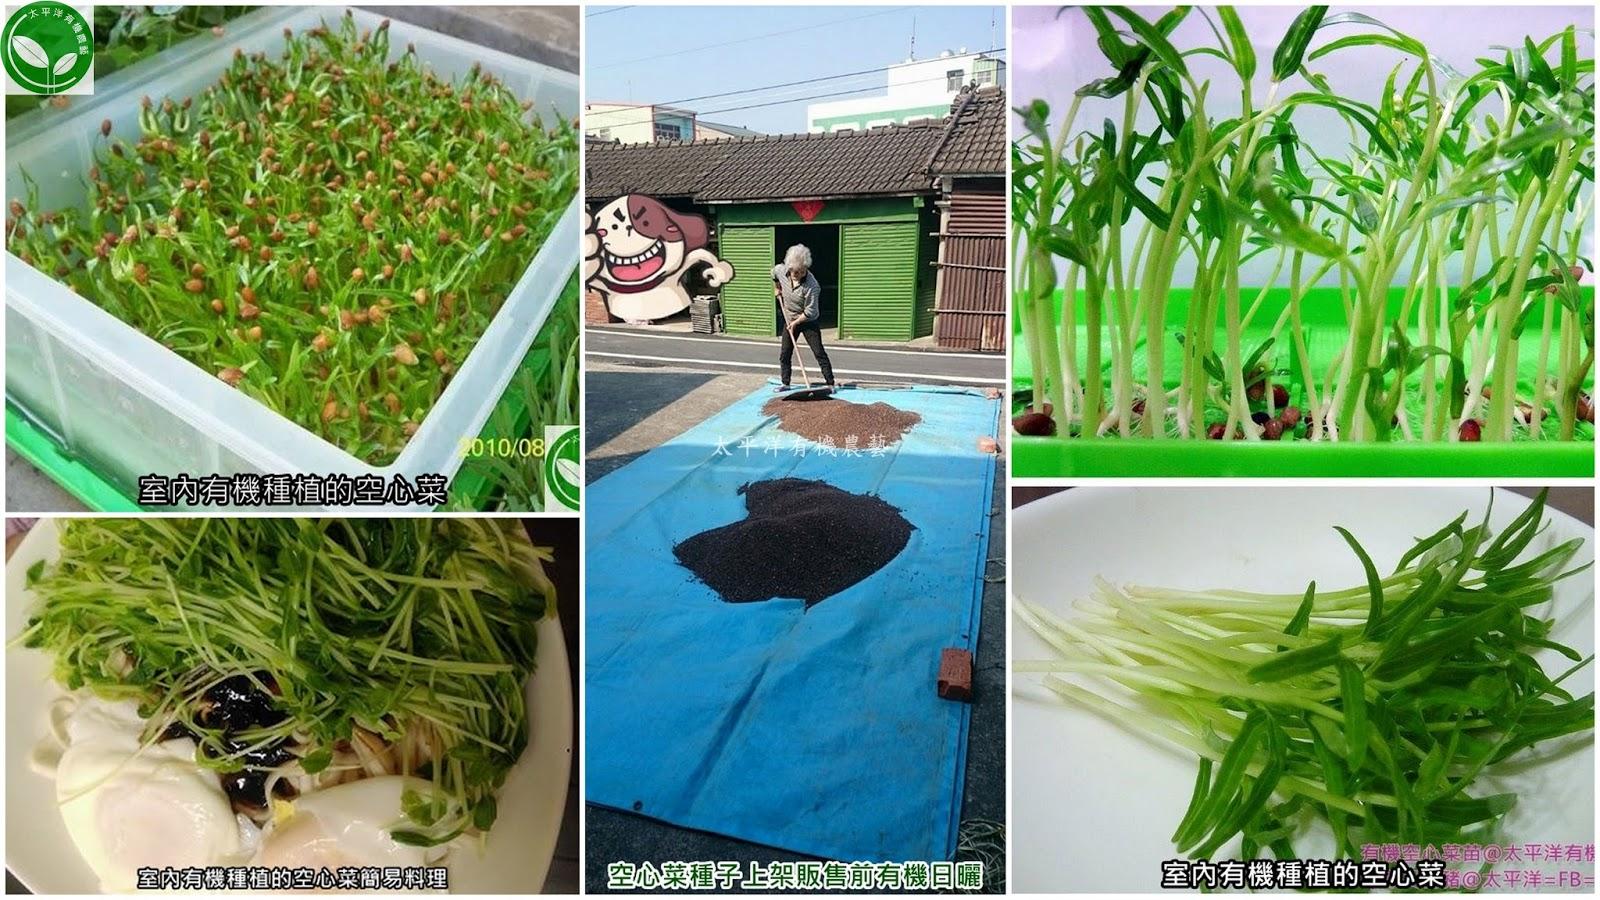 空心菜,炒空心菜,炒空心菜食譜,腐乳空心菜,蕹菜栽培,空心菜種植,空心菜種子發芽,空心菜種植方式,空心菜營養